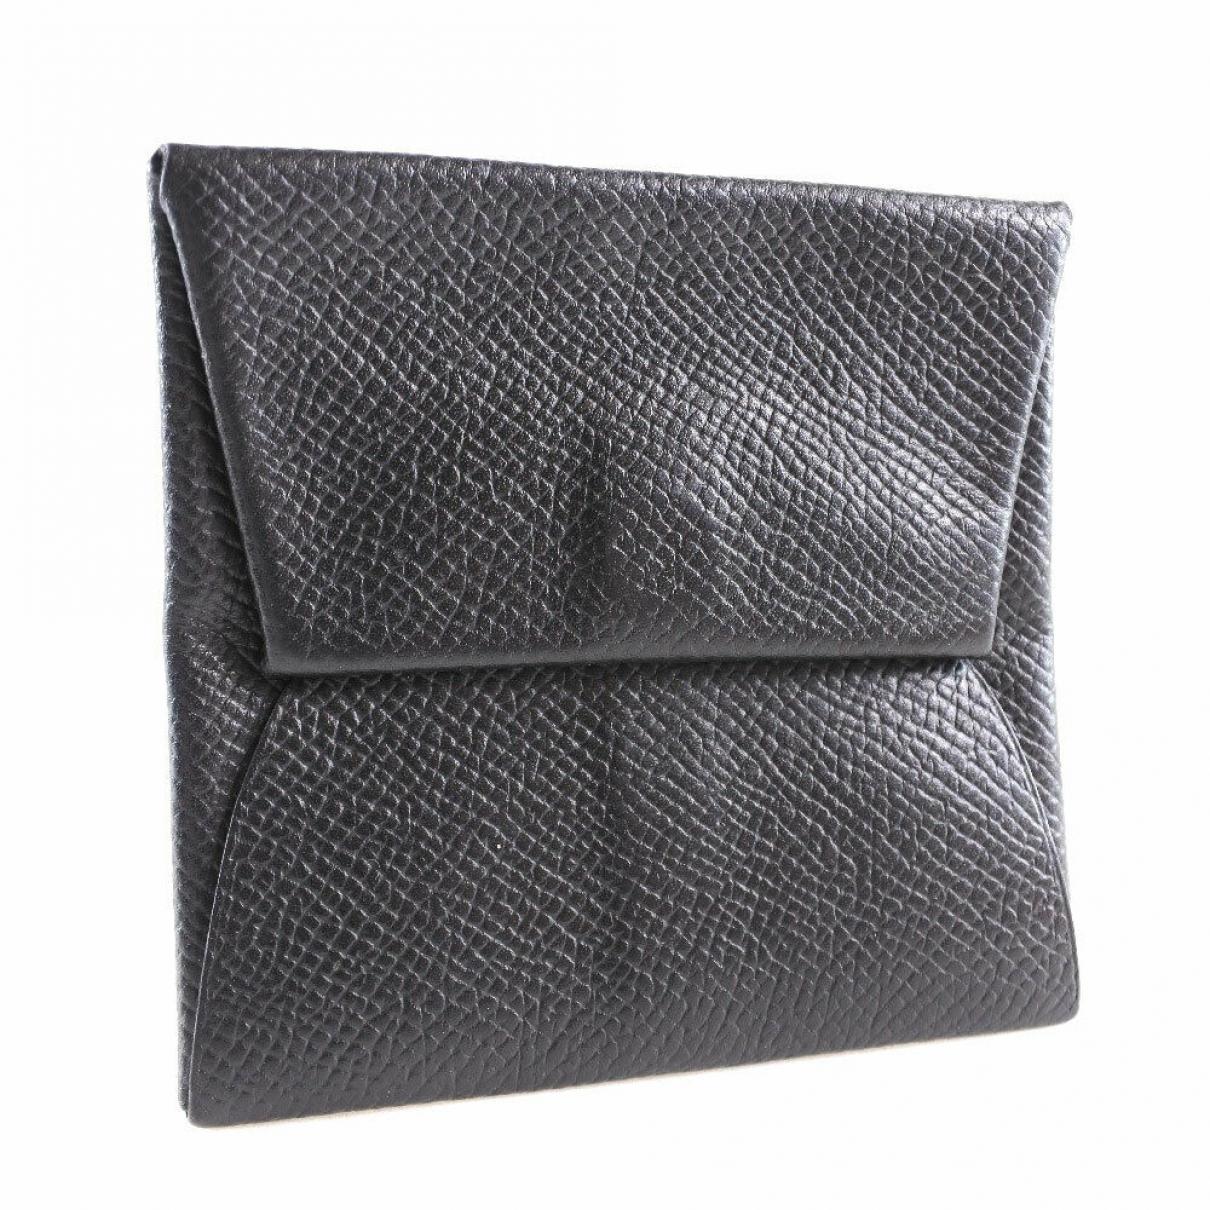 Hermès \N Black Purses, wallet & cases for Women \N